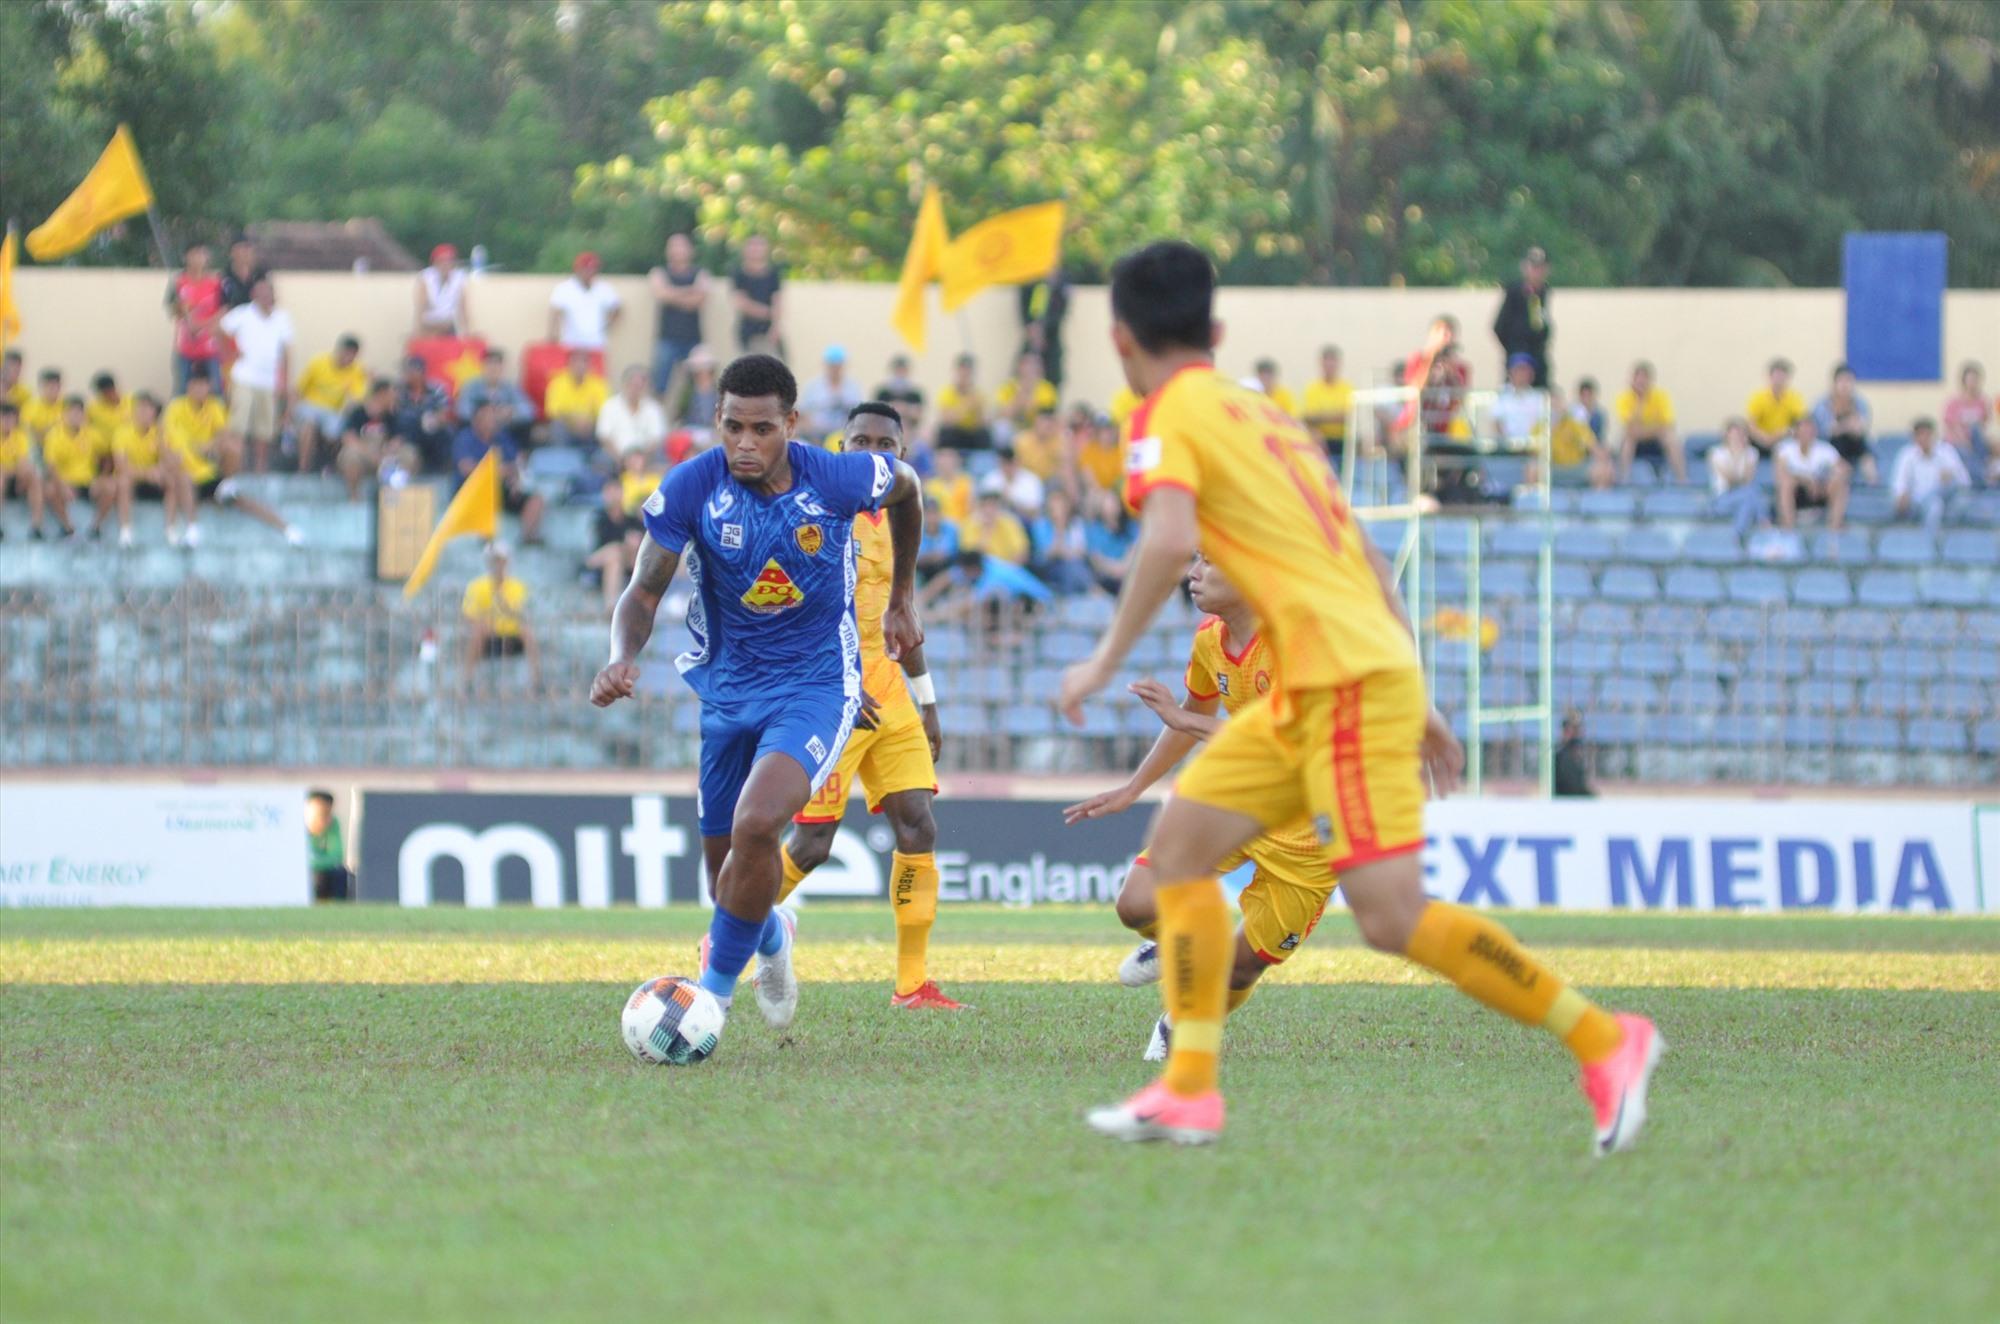 Tiền vệ Jose Pinto (áo xanh) bị treo giò trong trận gặp Viettel sexlaf mất mát lớn đối với Quảng Nam. Ảnh: A.S